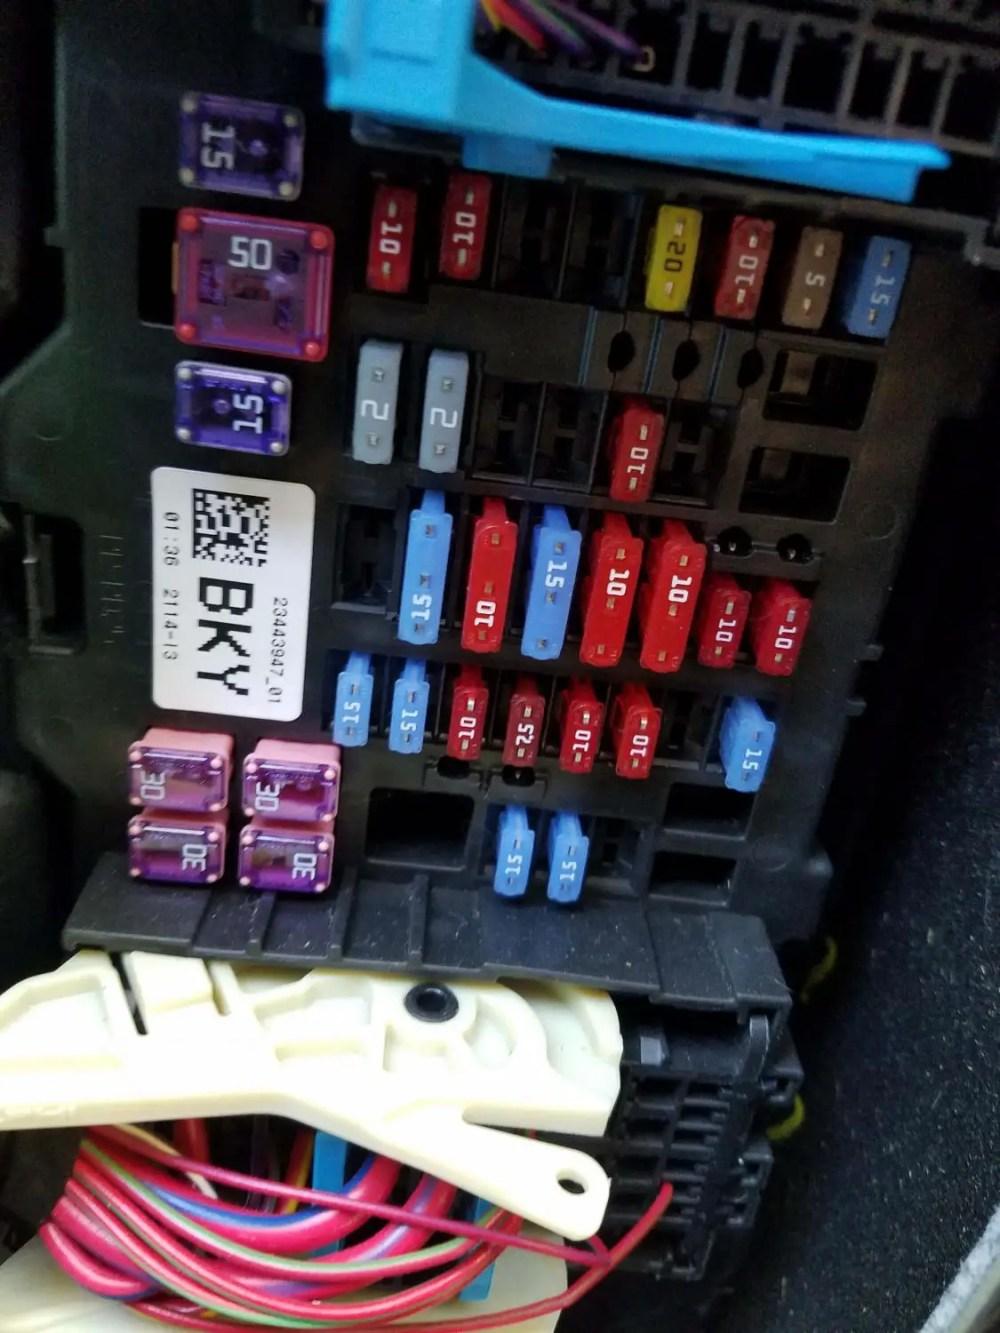 medium resolution of gm fuse box open wiring diagrams 1979 chevy fuse box diagram 2014 silverado fuse box open